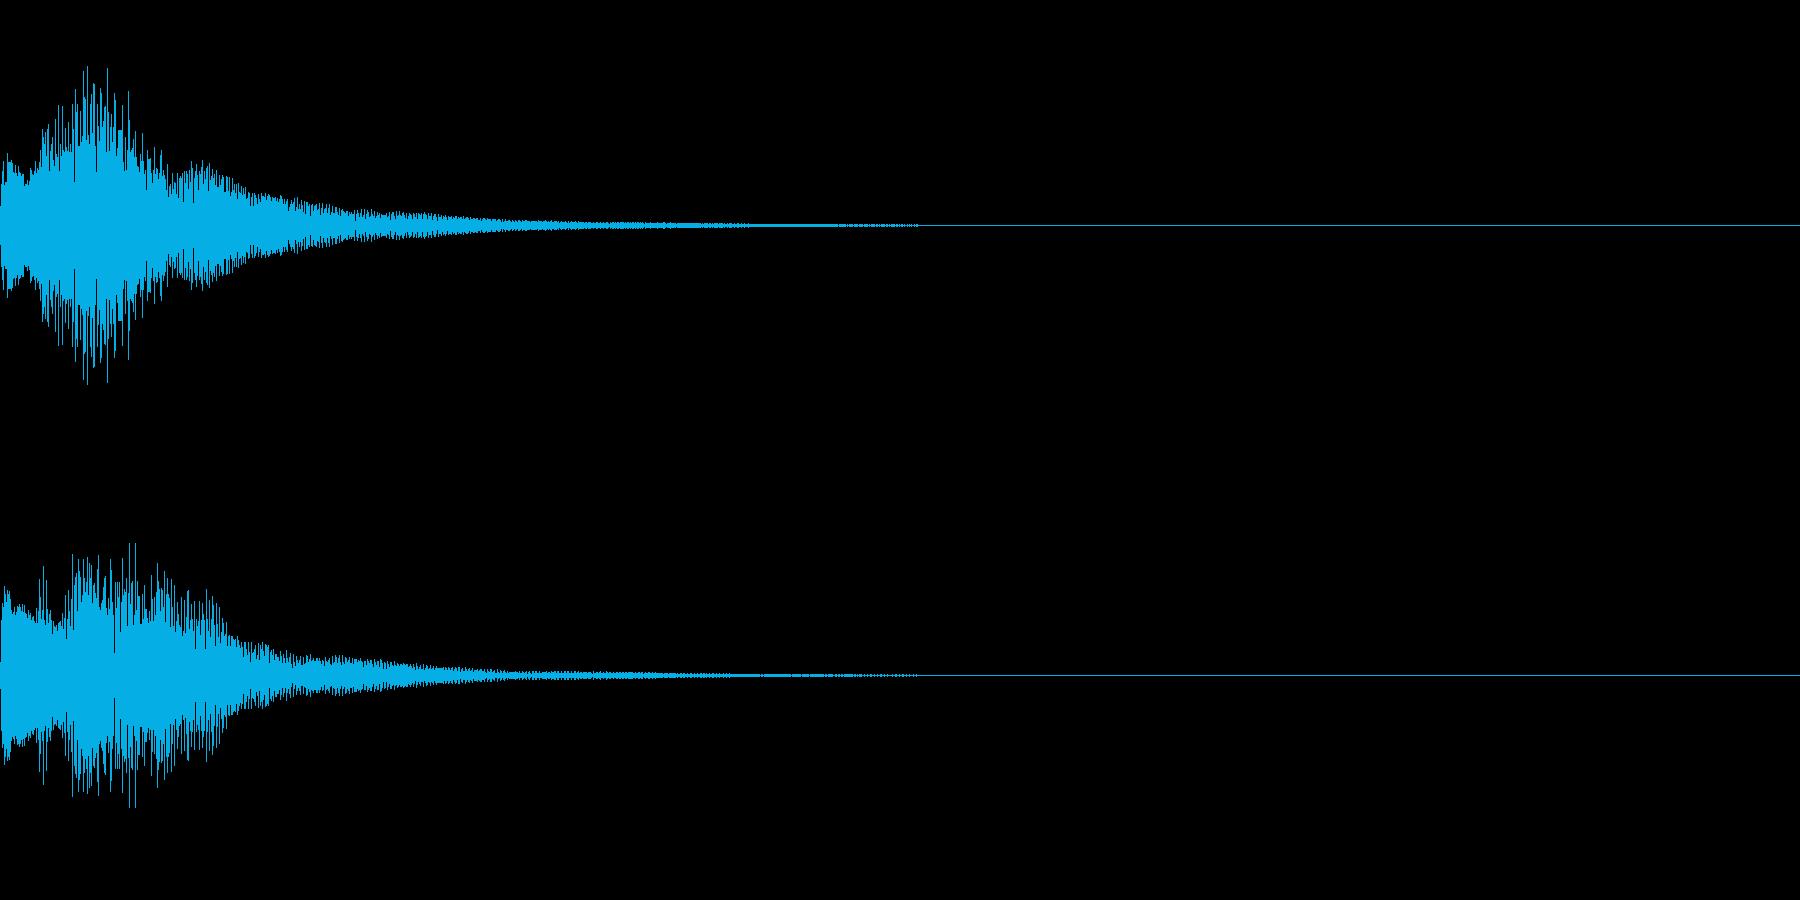 テレレレン 下がる (ゲーム効果音)の再生済みの波形